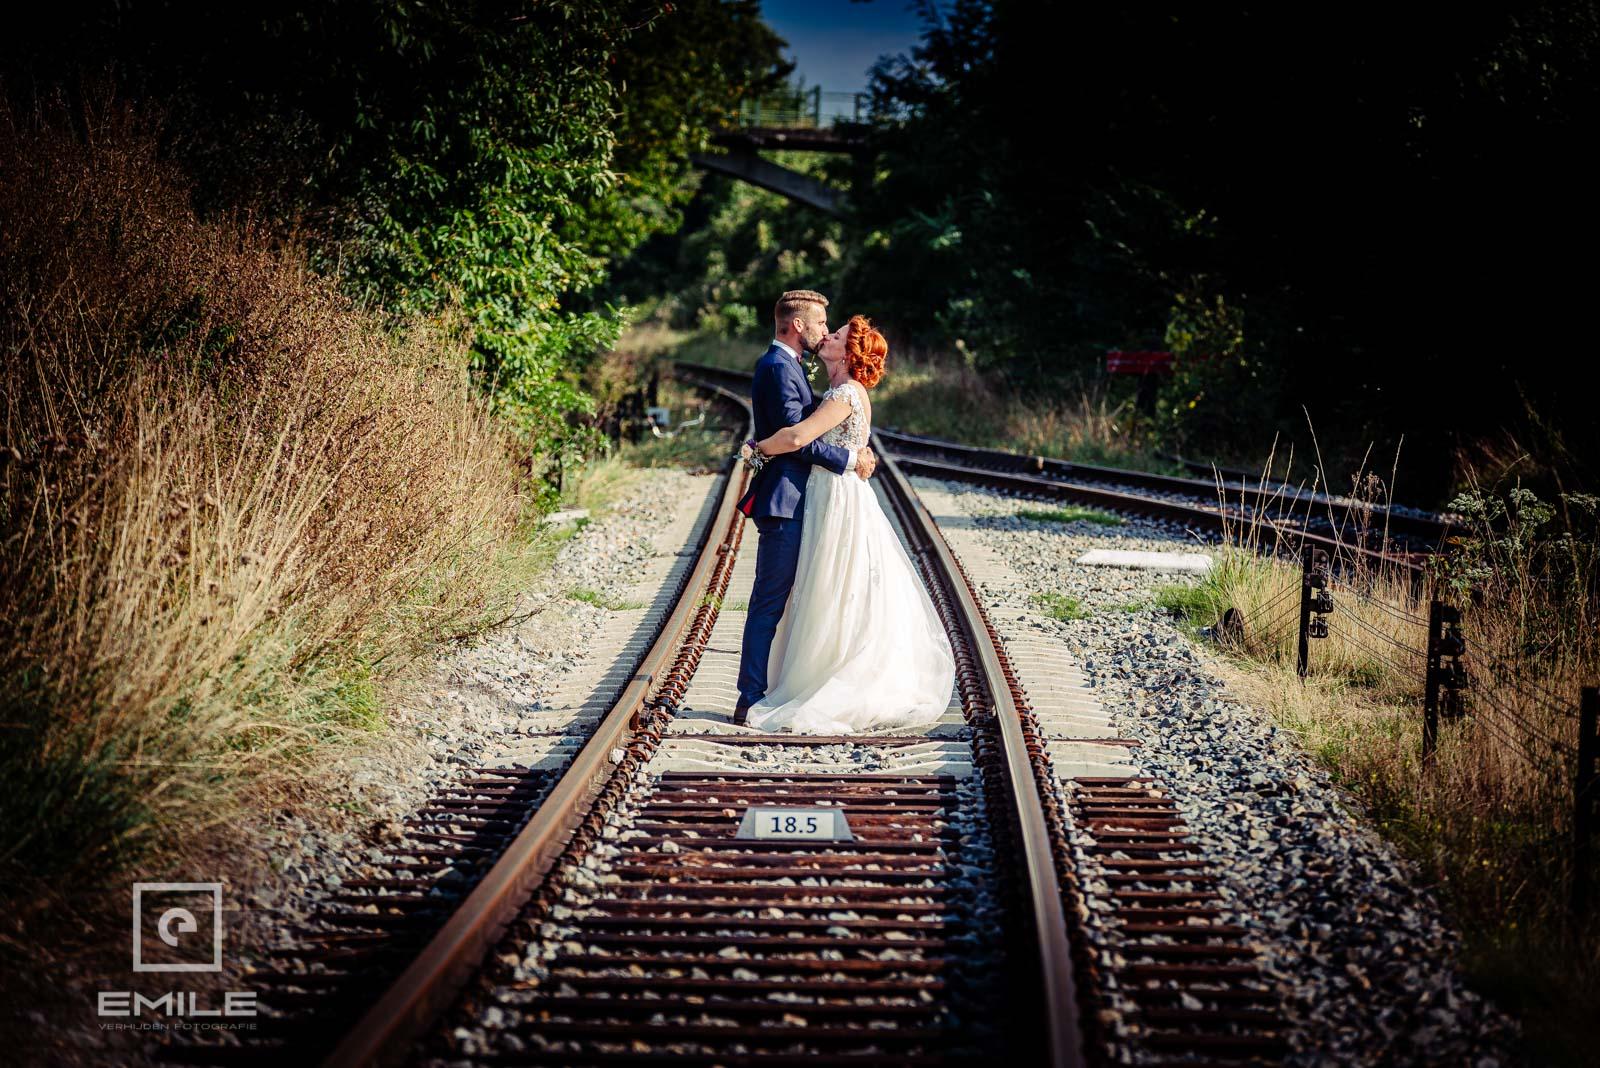 Bruidspaar op het spoor in Wylre. Top foto